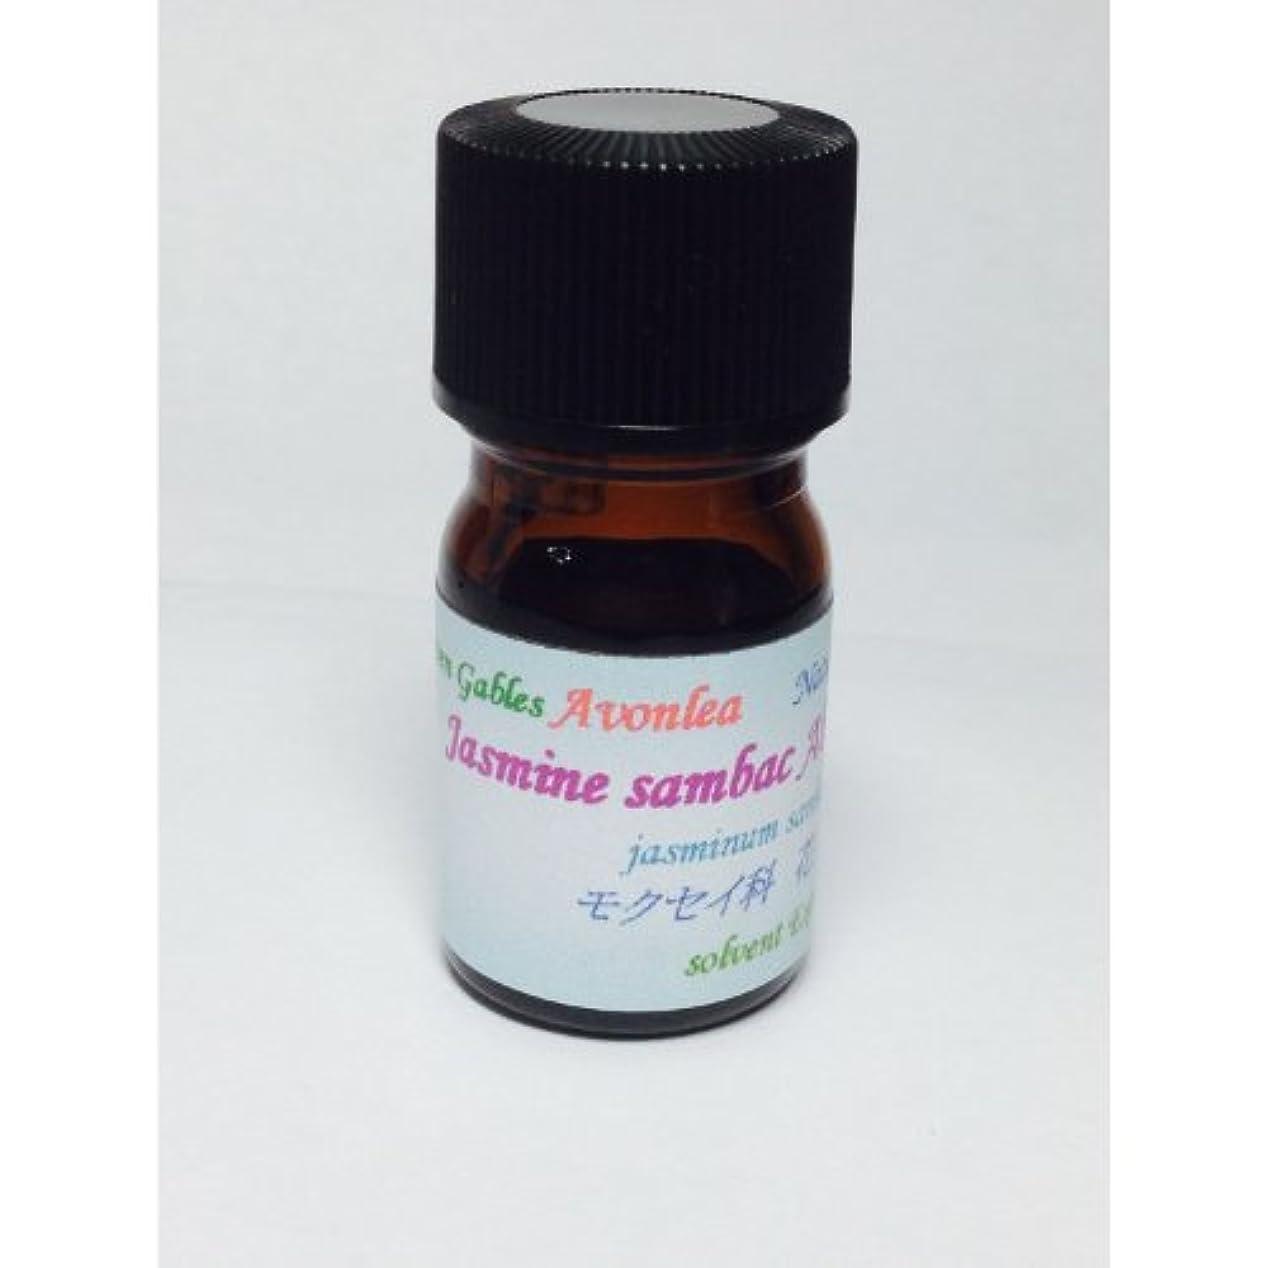 アピールロードされたリージャスミンサンバック Abs 5ml100%ピュア エッセンシャルオイル 天然精油